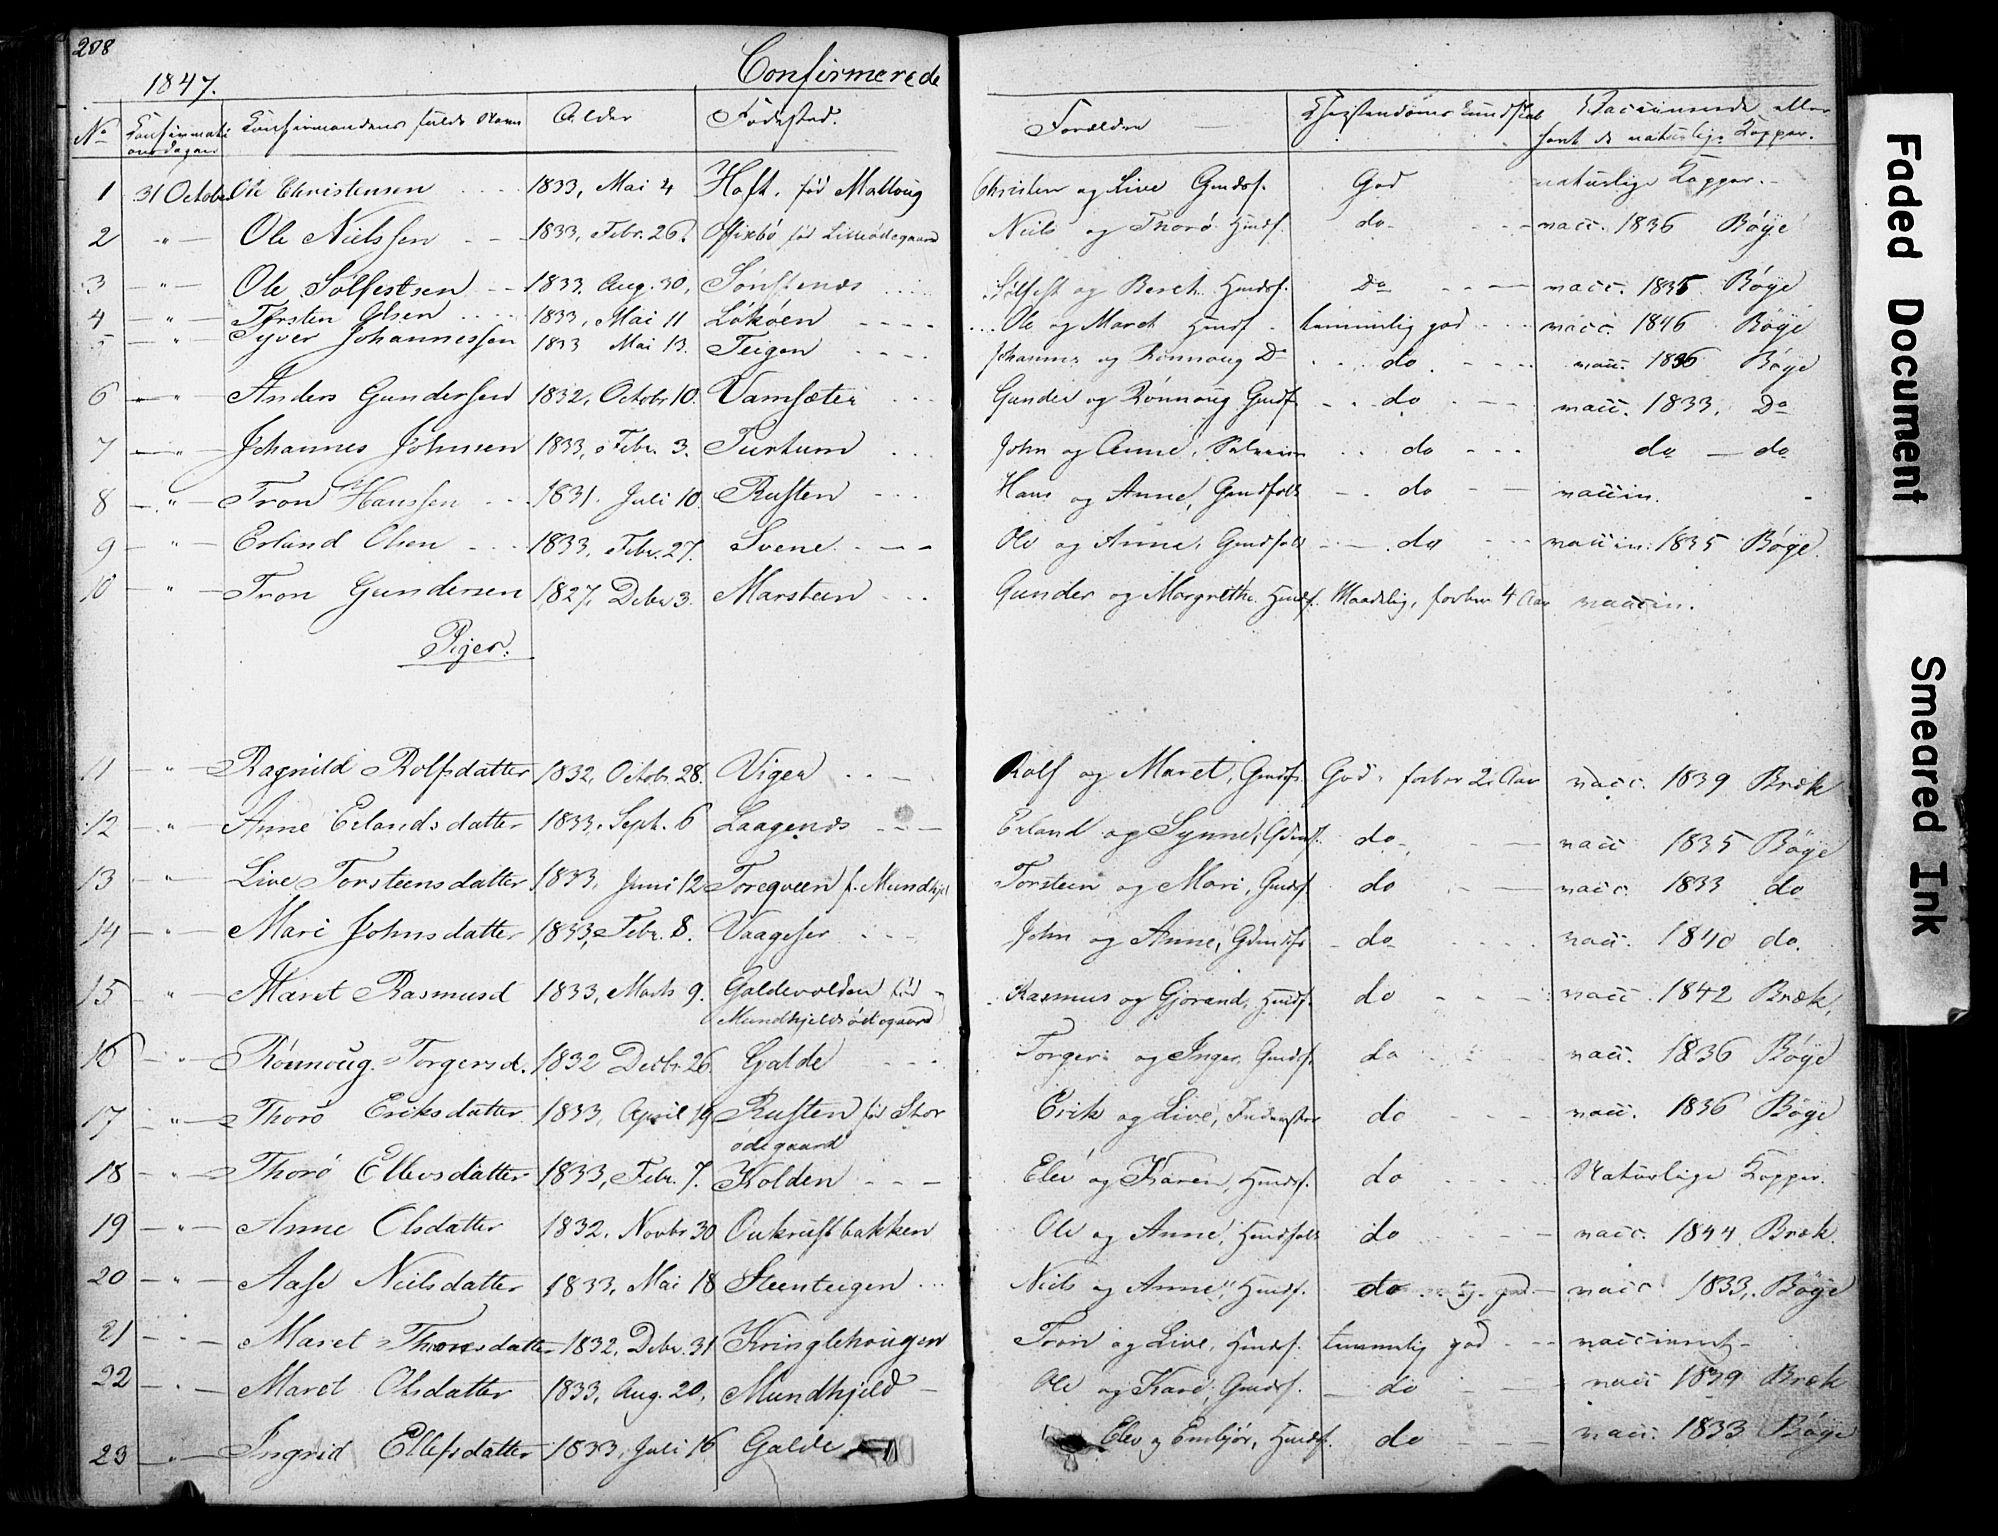 SAH, Lom prestekontor, L/L0012: Klokkerbok nr. 12, 1845-1873, s. 208-209